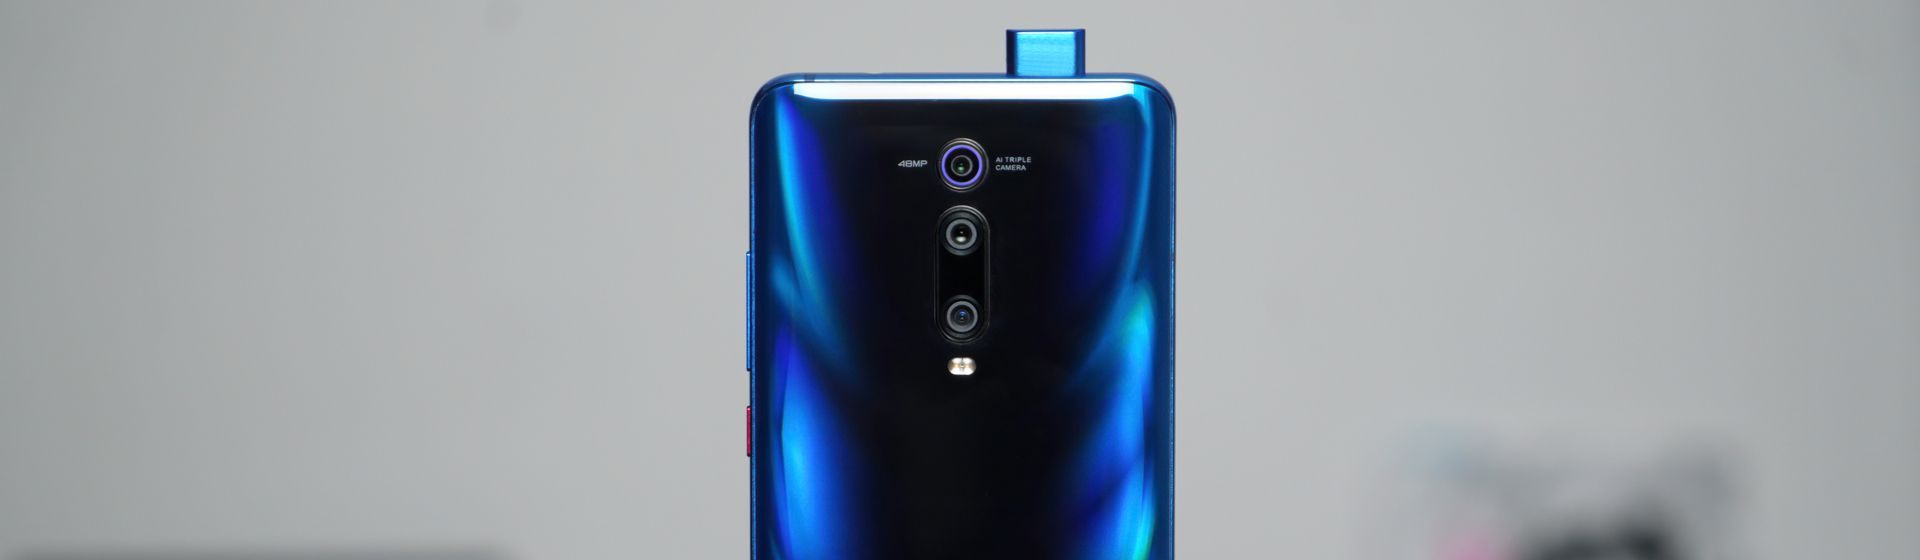 Xiaomi Mi 9T é bom? Conheça a ficha técnica do celular